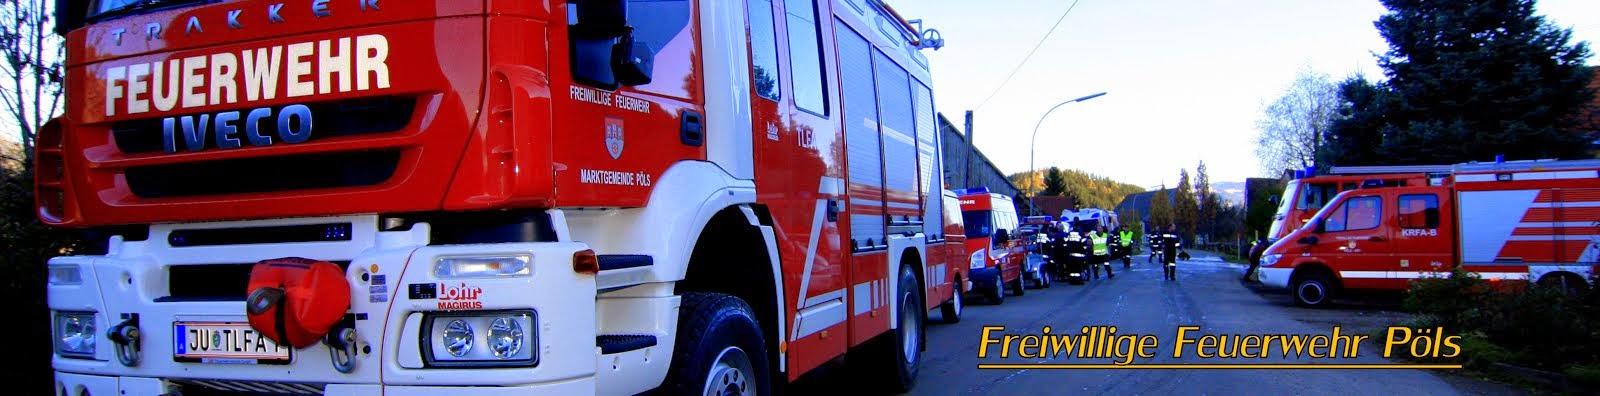 Feuerwehr Pöls